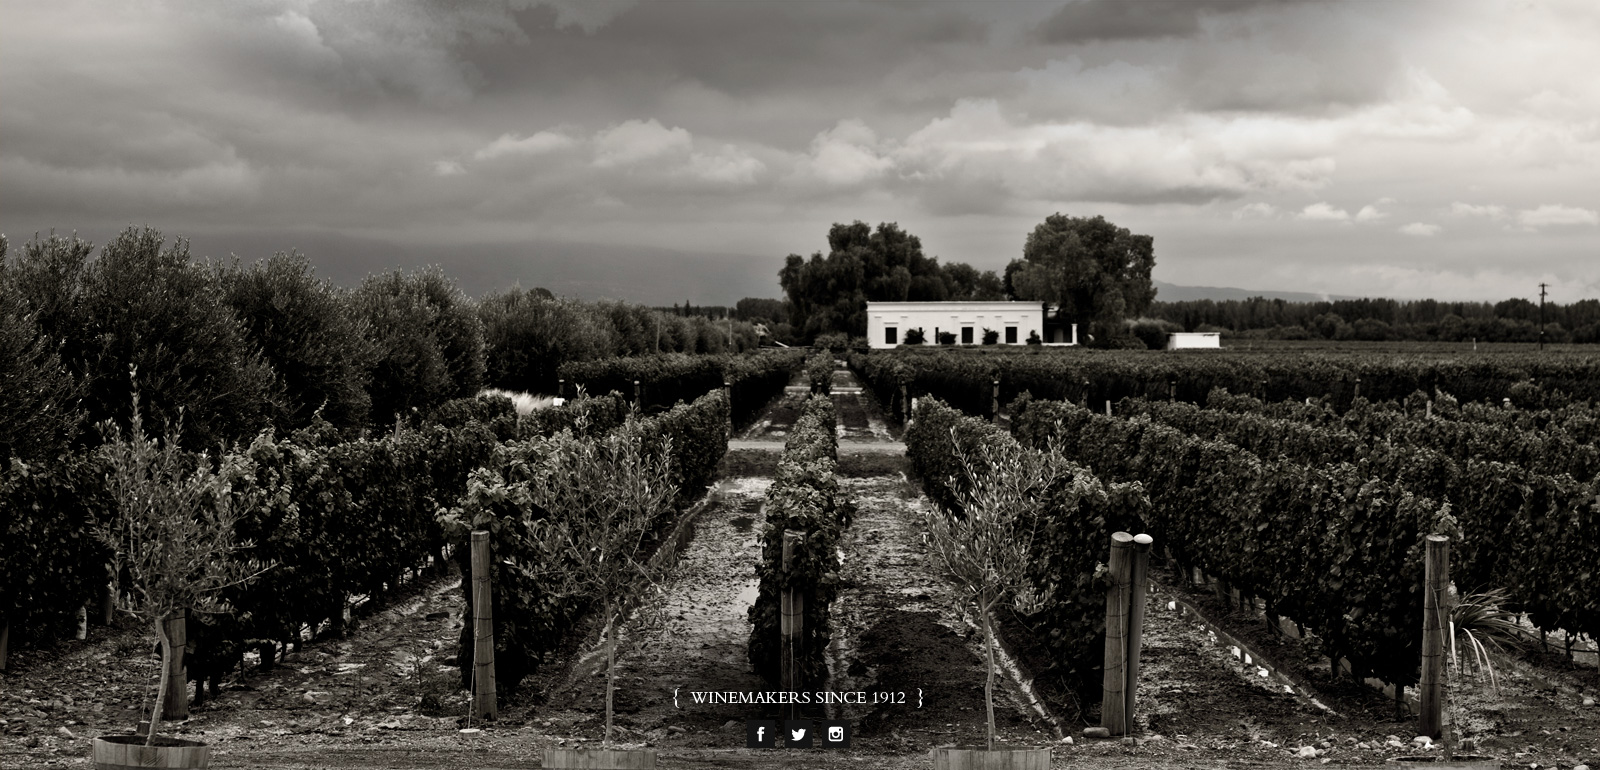 pulenta-estate-vinicola-andes-mendoza